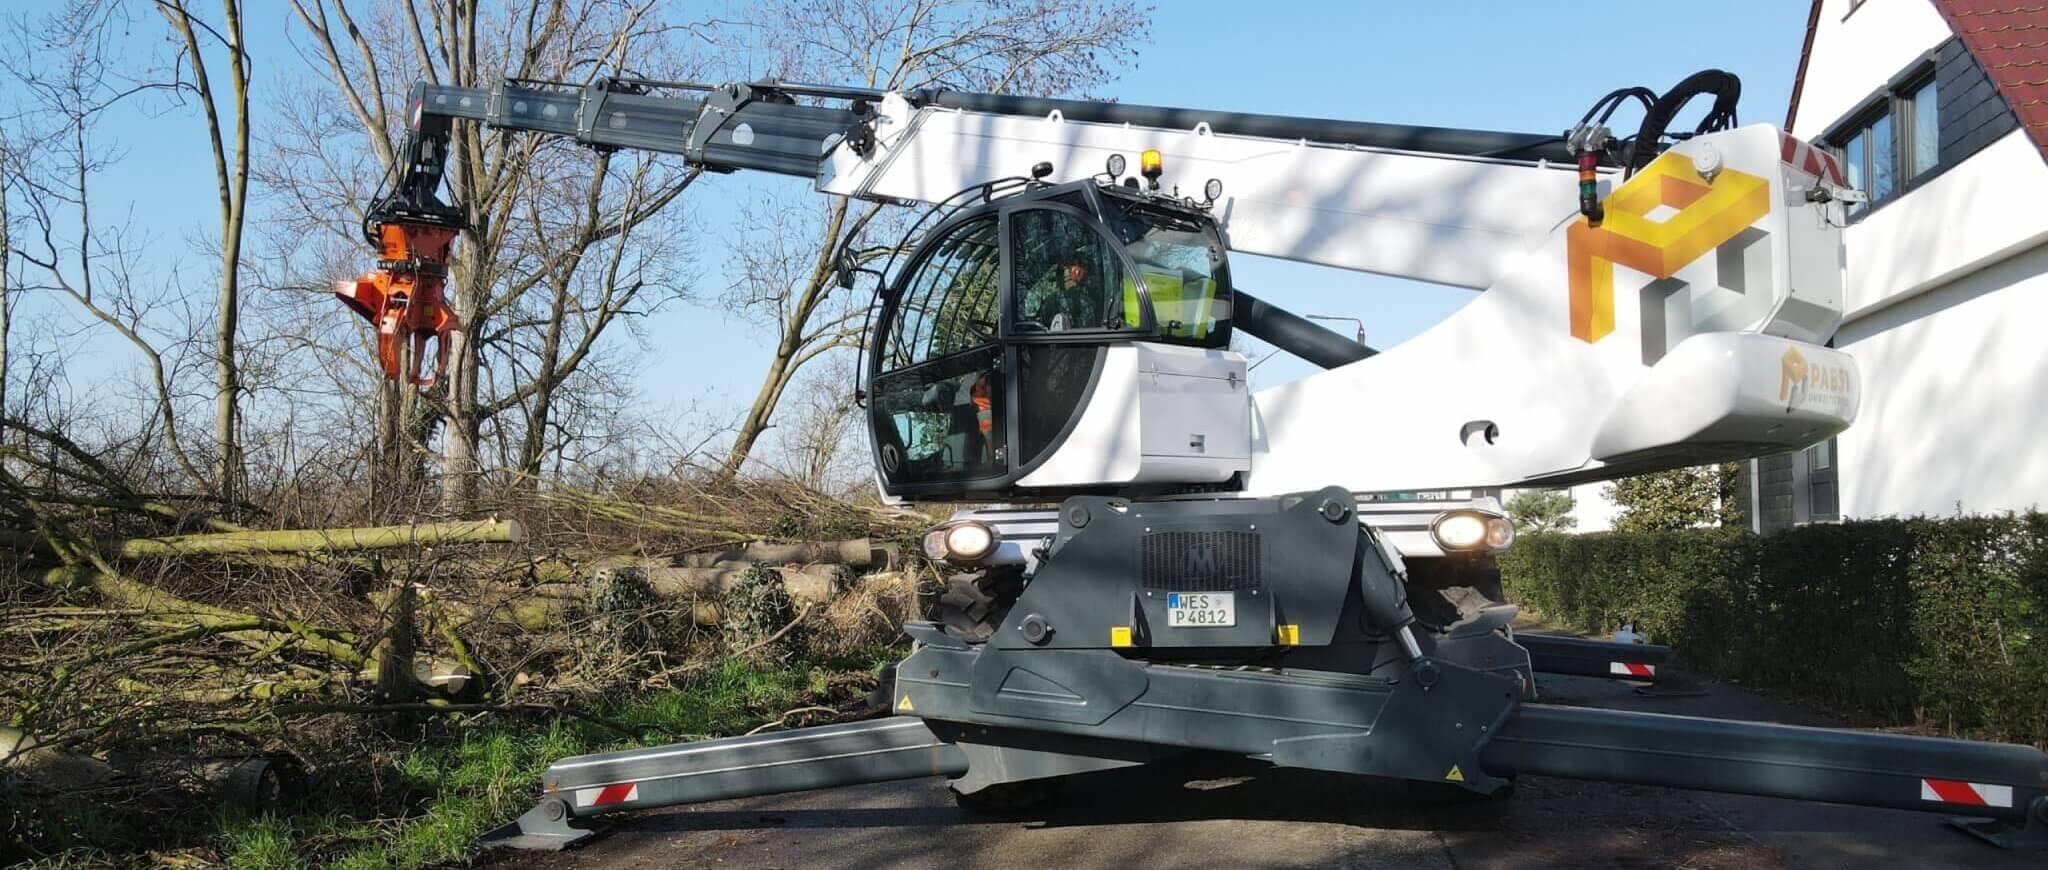 Baumdienst bei der Pabst Umweltservice GmbH